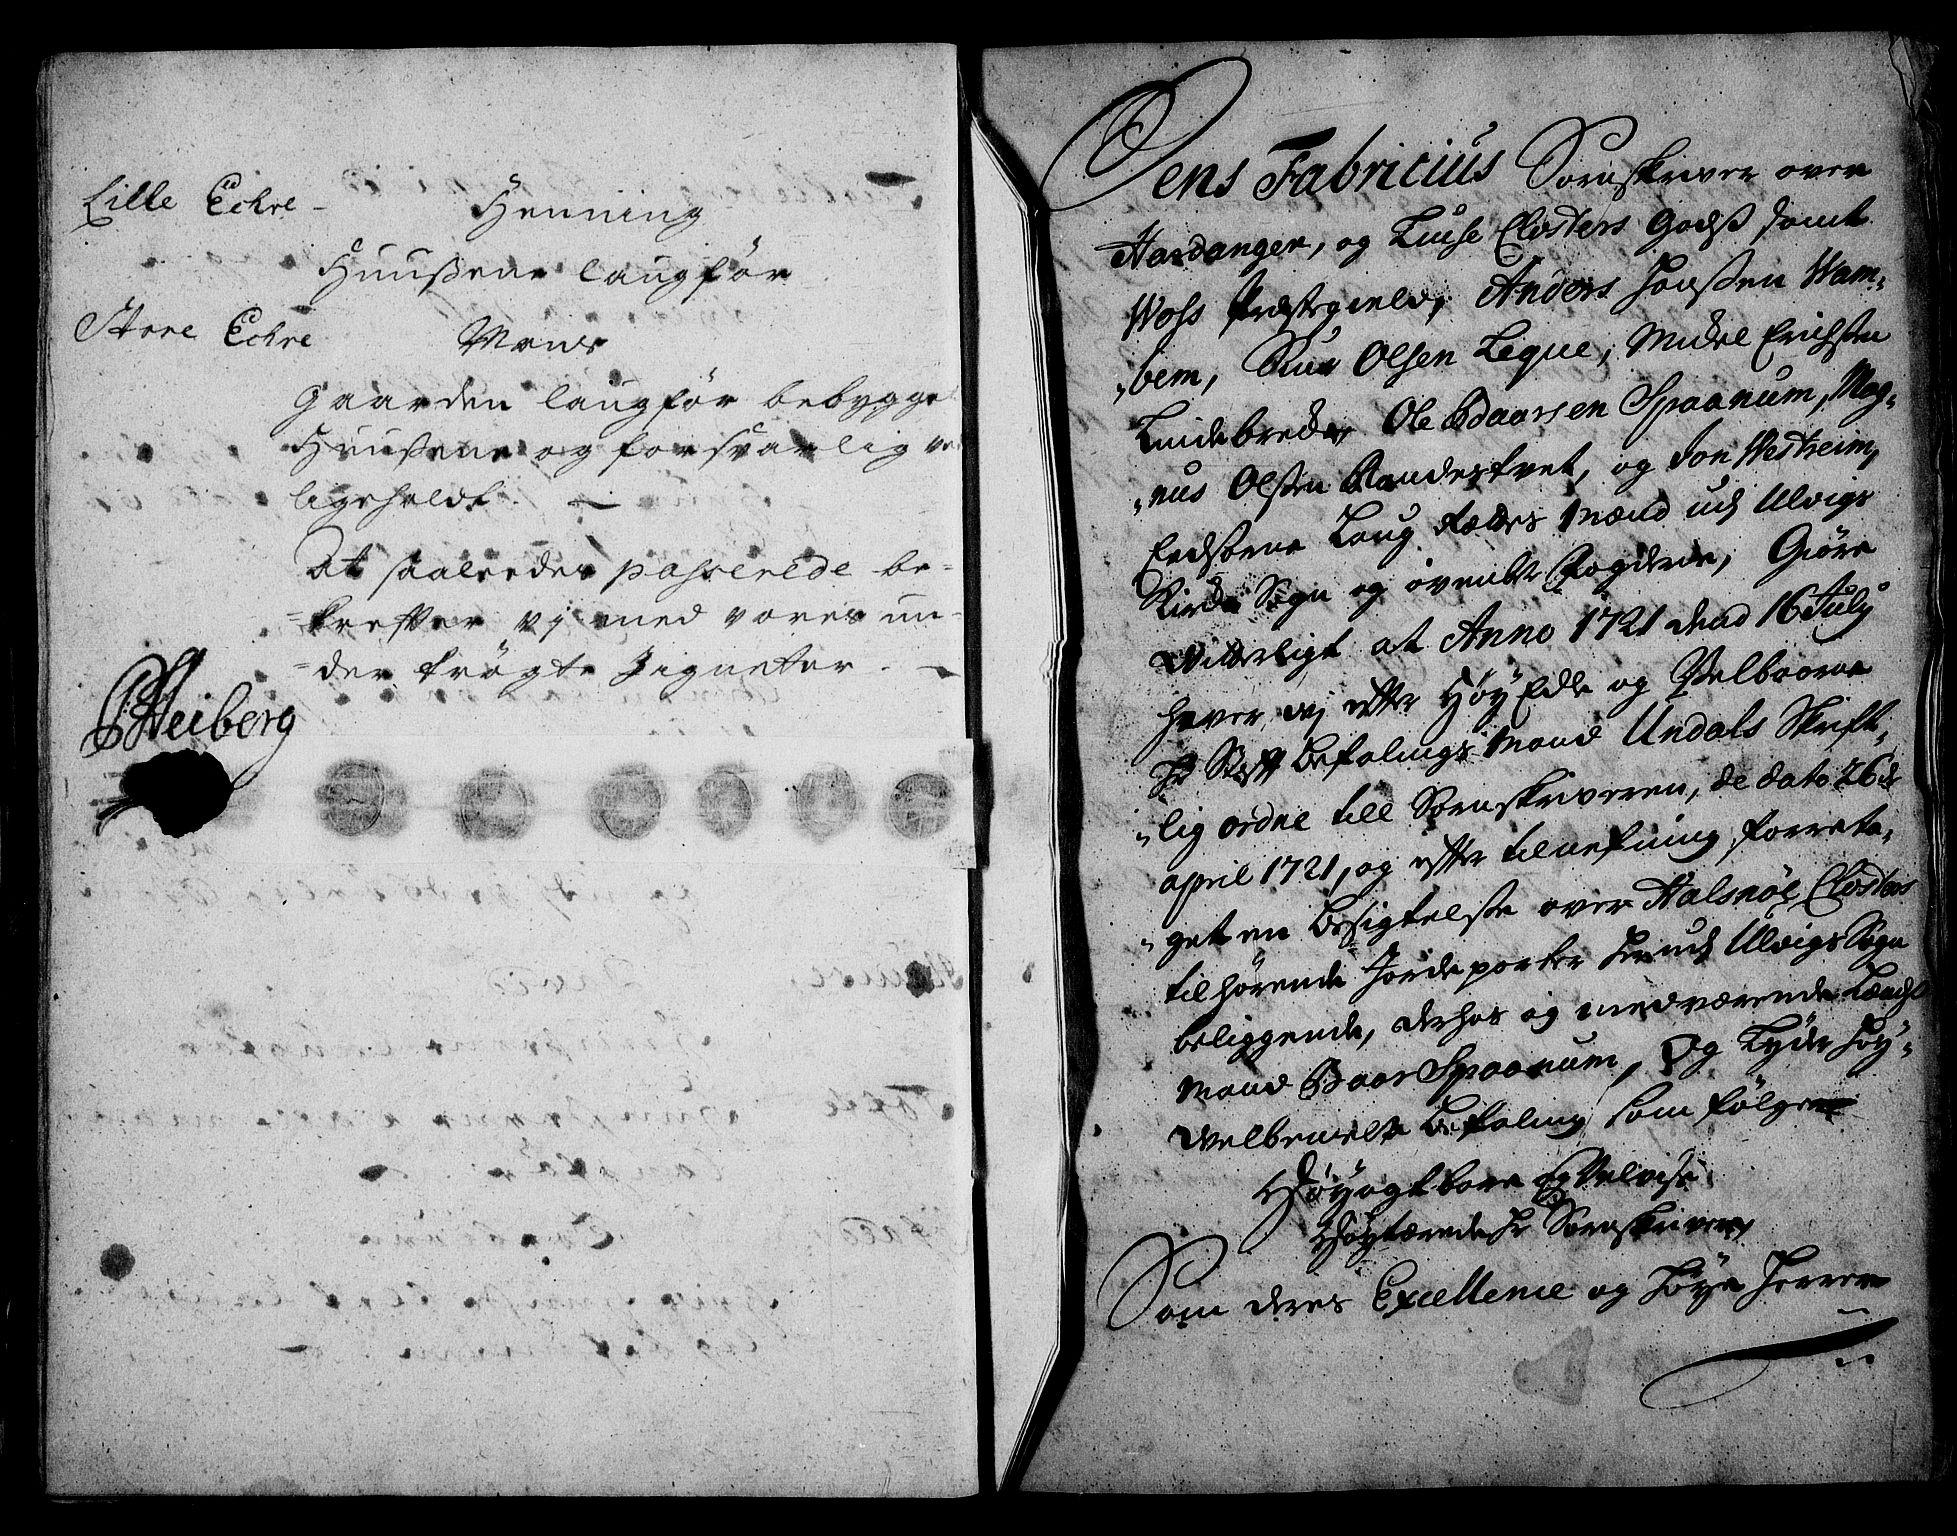 RA, Rentekammeret inntil 1814, Realistisk ordnet avdeling, On/L0003: [Jj 4]: Kommisjonsforretning over Vilhelm Hanssøns forpaktning av Halsnøy klosters gods, 1721-1729, s. 68